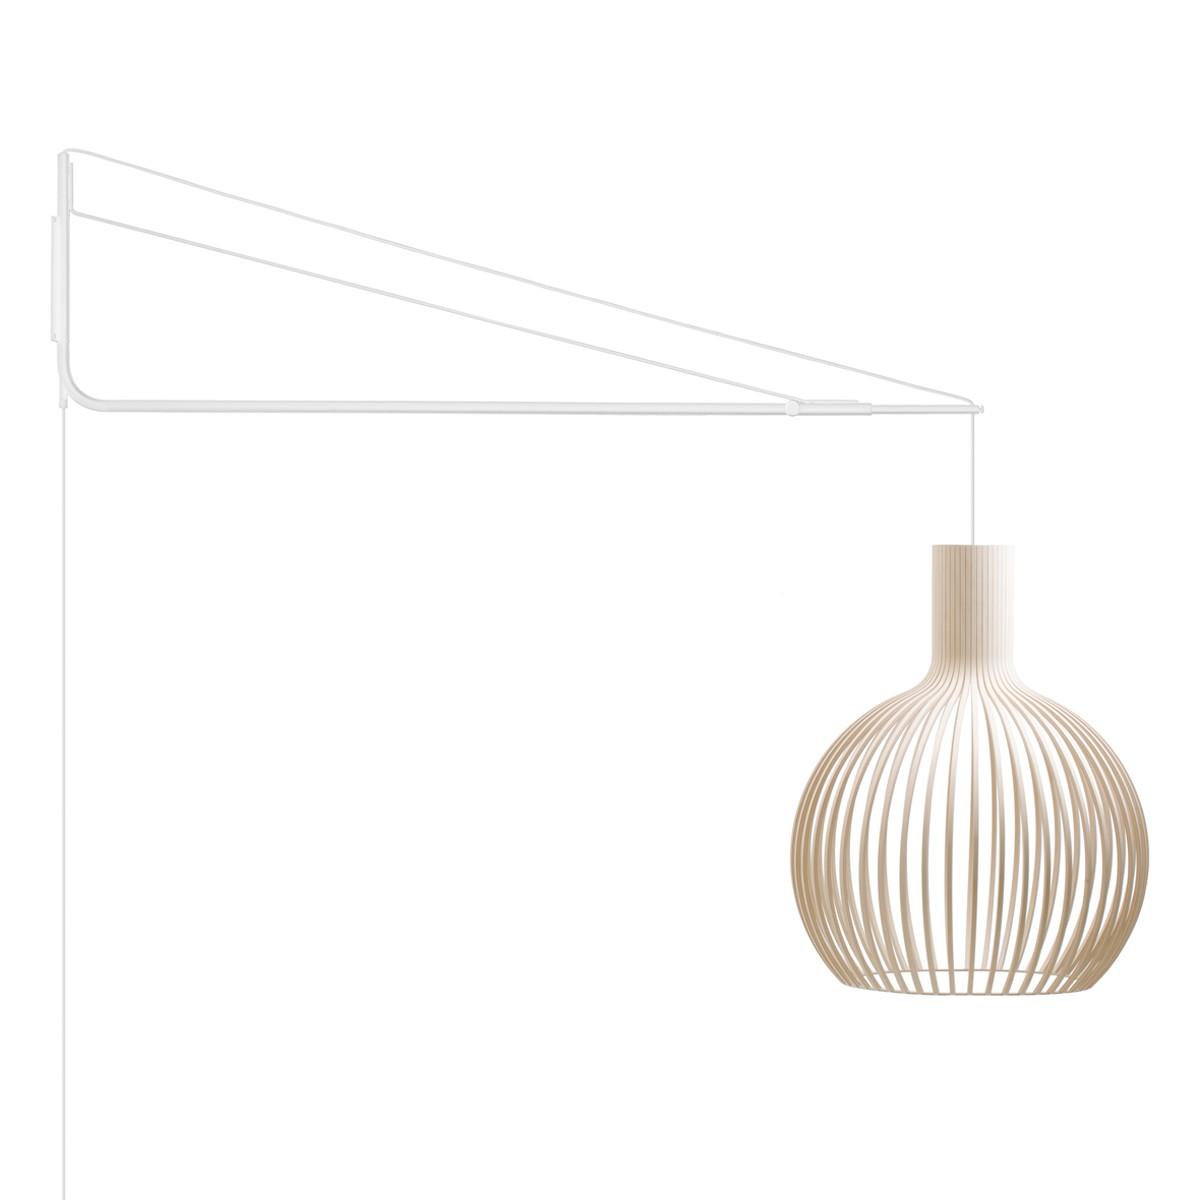 Secto Design Varsi 1000 Wandleuchte mit Octo 4240, weiß, Schirm: Birke natur